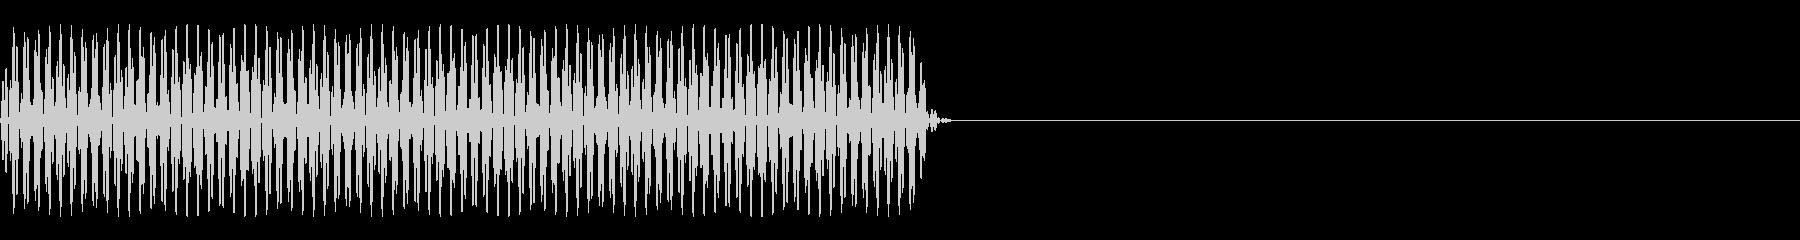 FX・SE/電話/ボタン音/海外風/#2の未再生の波形